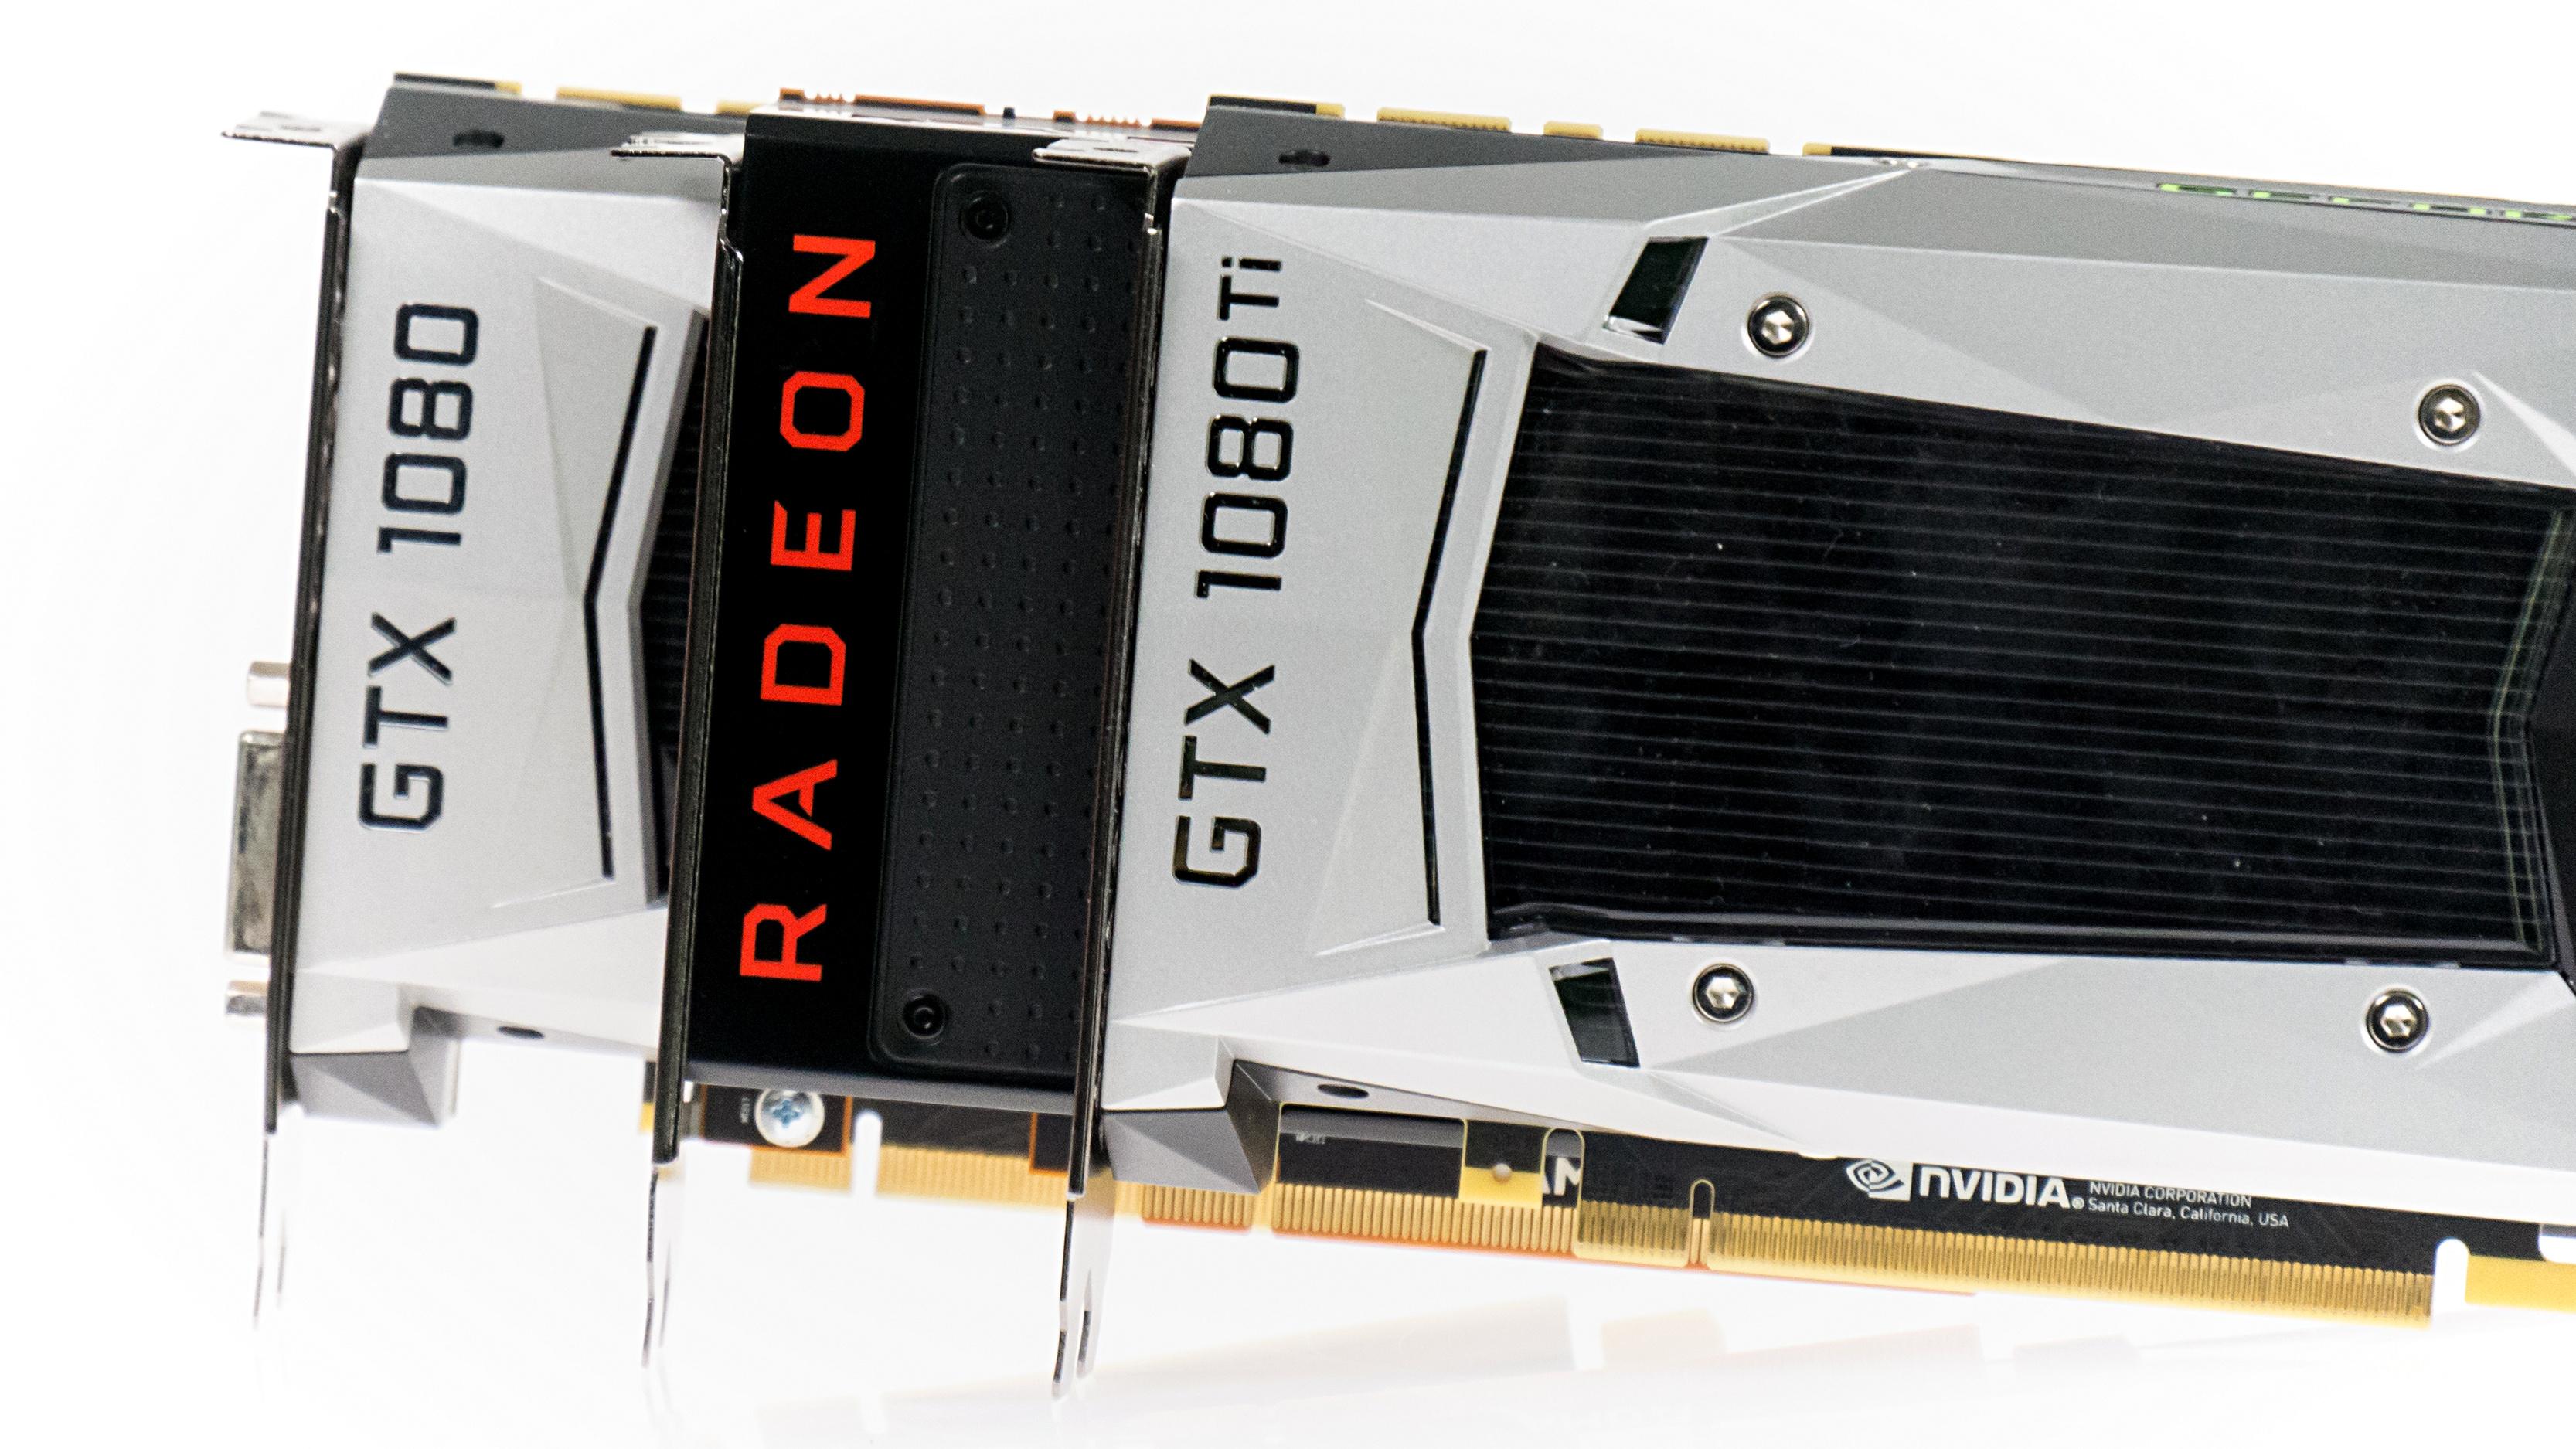 Radeon RX Vega 64 im Test: Schnell und durstig mit Potenzial - Die Vega 64 positioniert sich zwischen der Geforce GTX 1080 und der Ti-Version. (Foto: Marc Sauter/Golem.de)